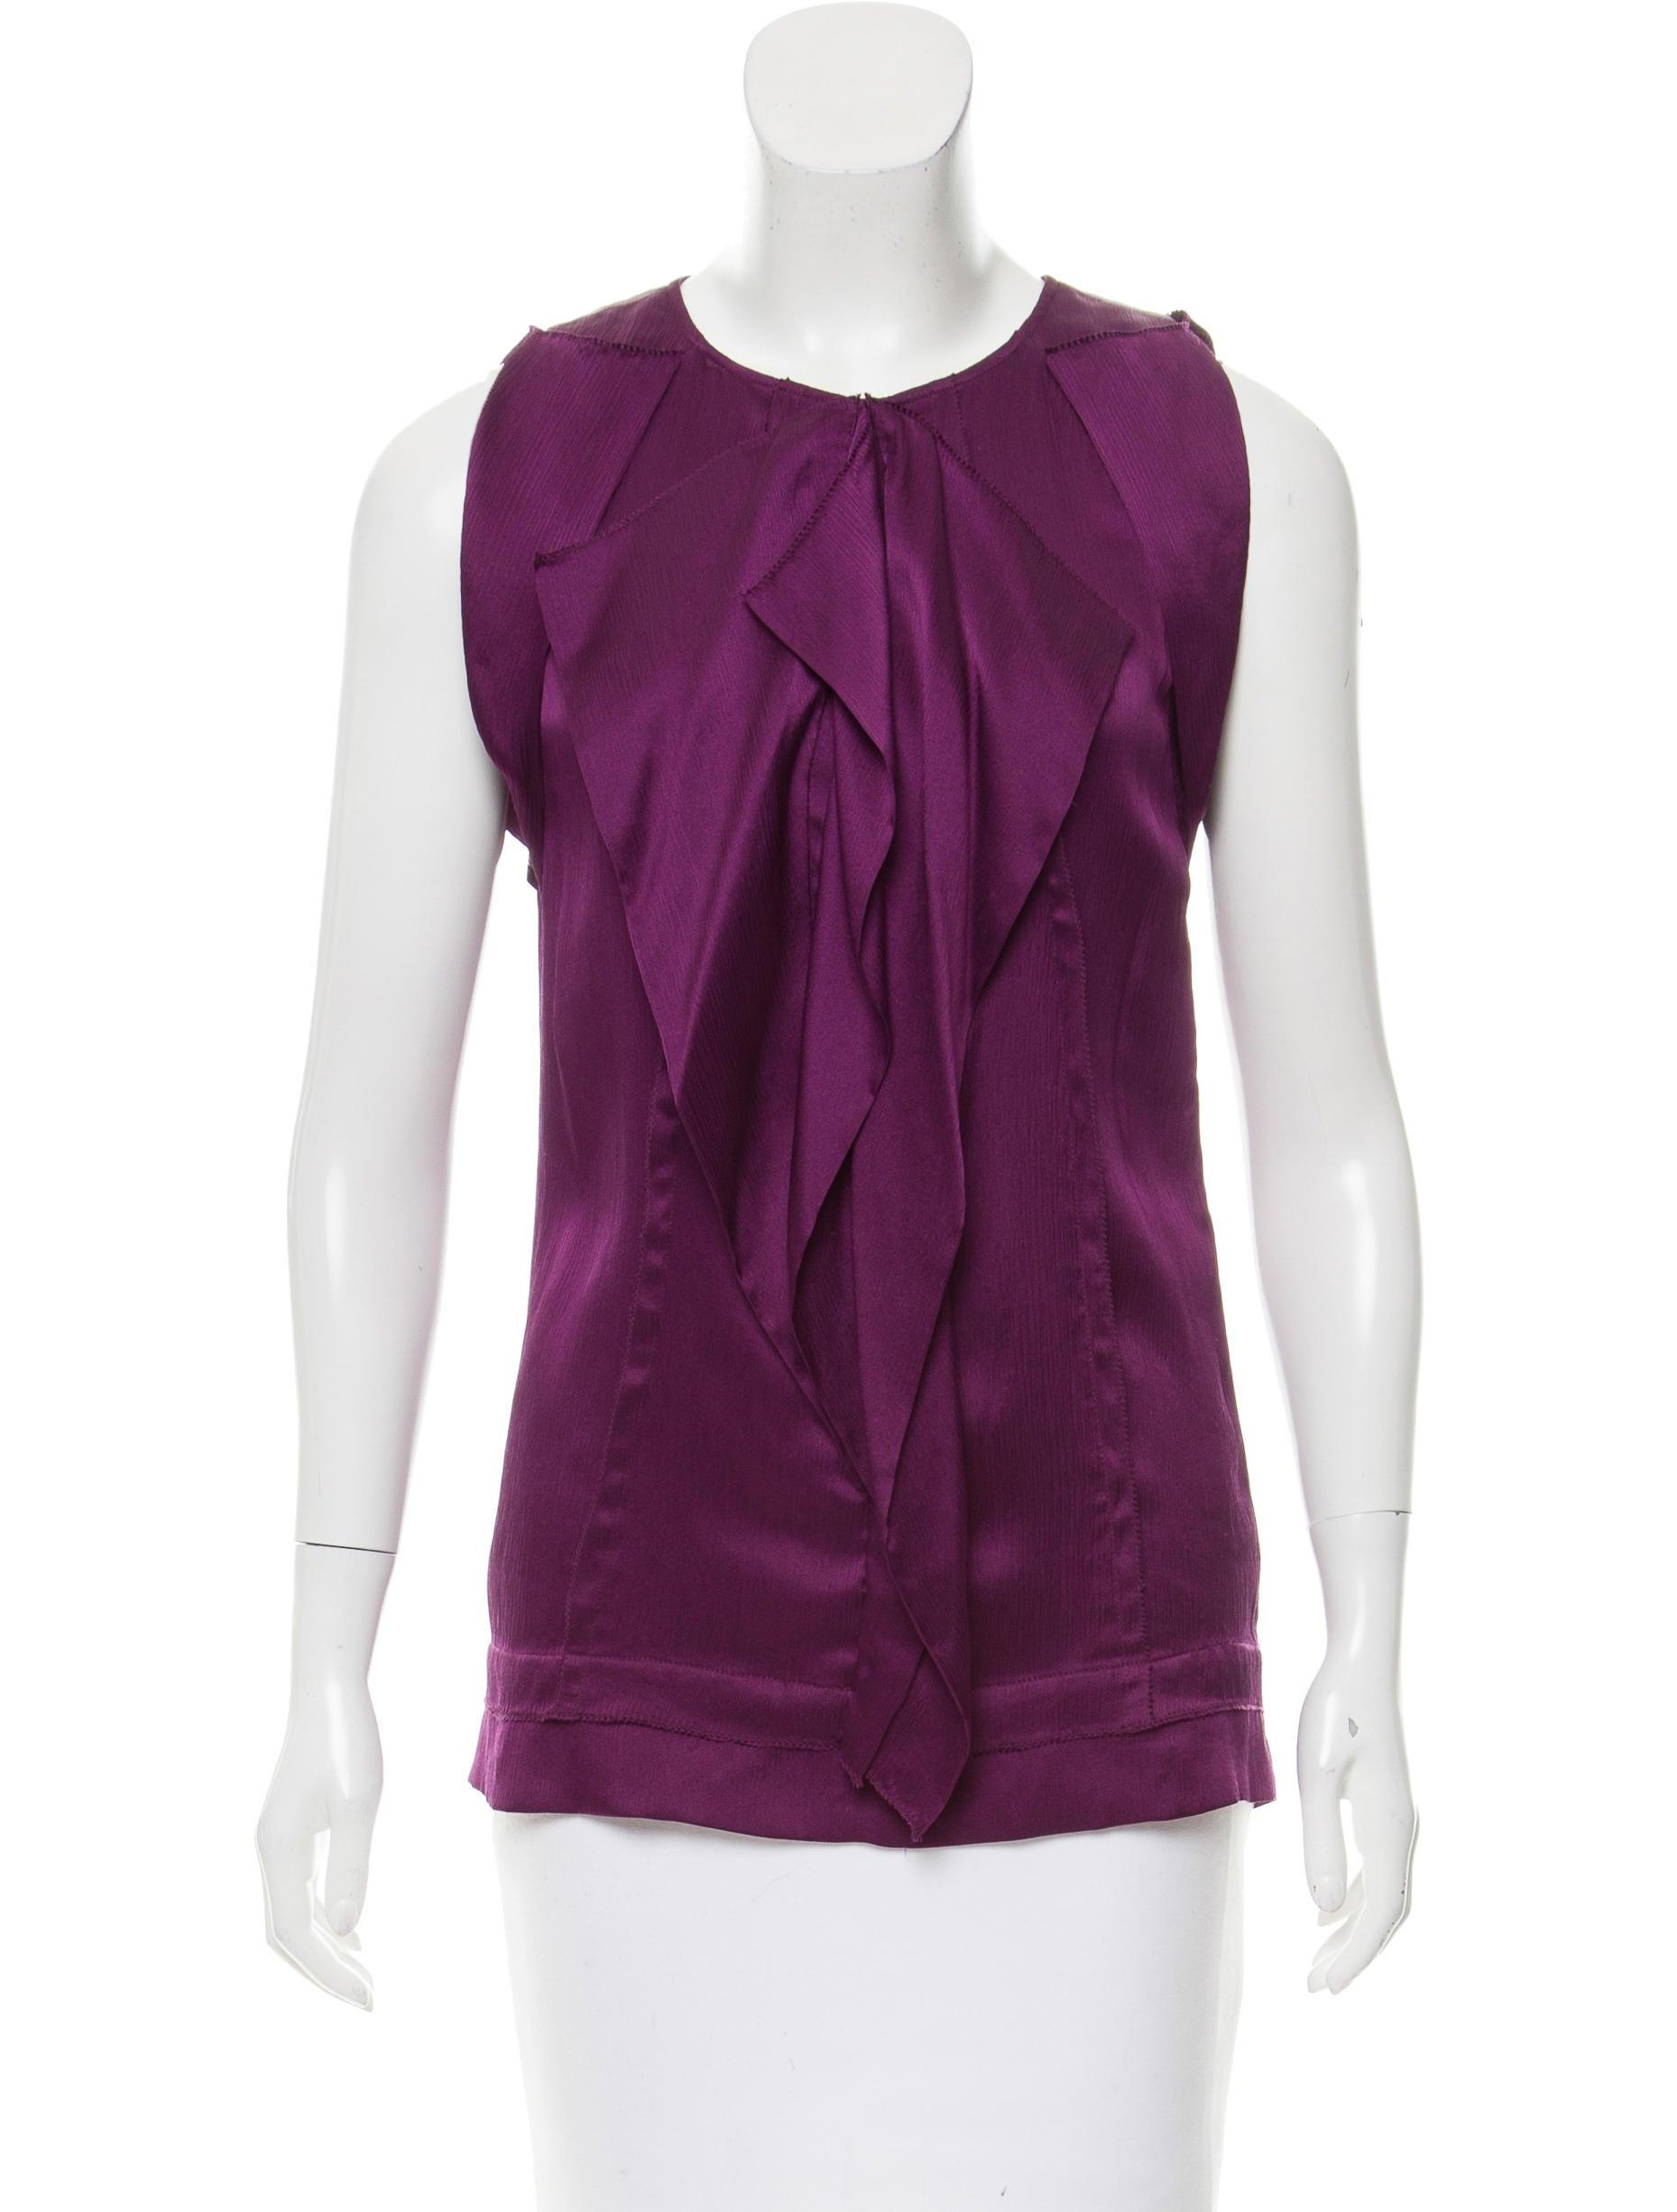 Diane von furstenberg silk sleeveless blouse clothing for Diane von furstenberg shirt